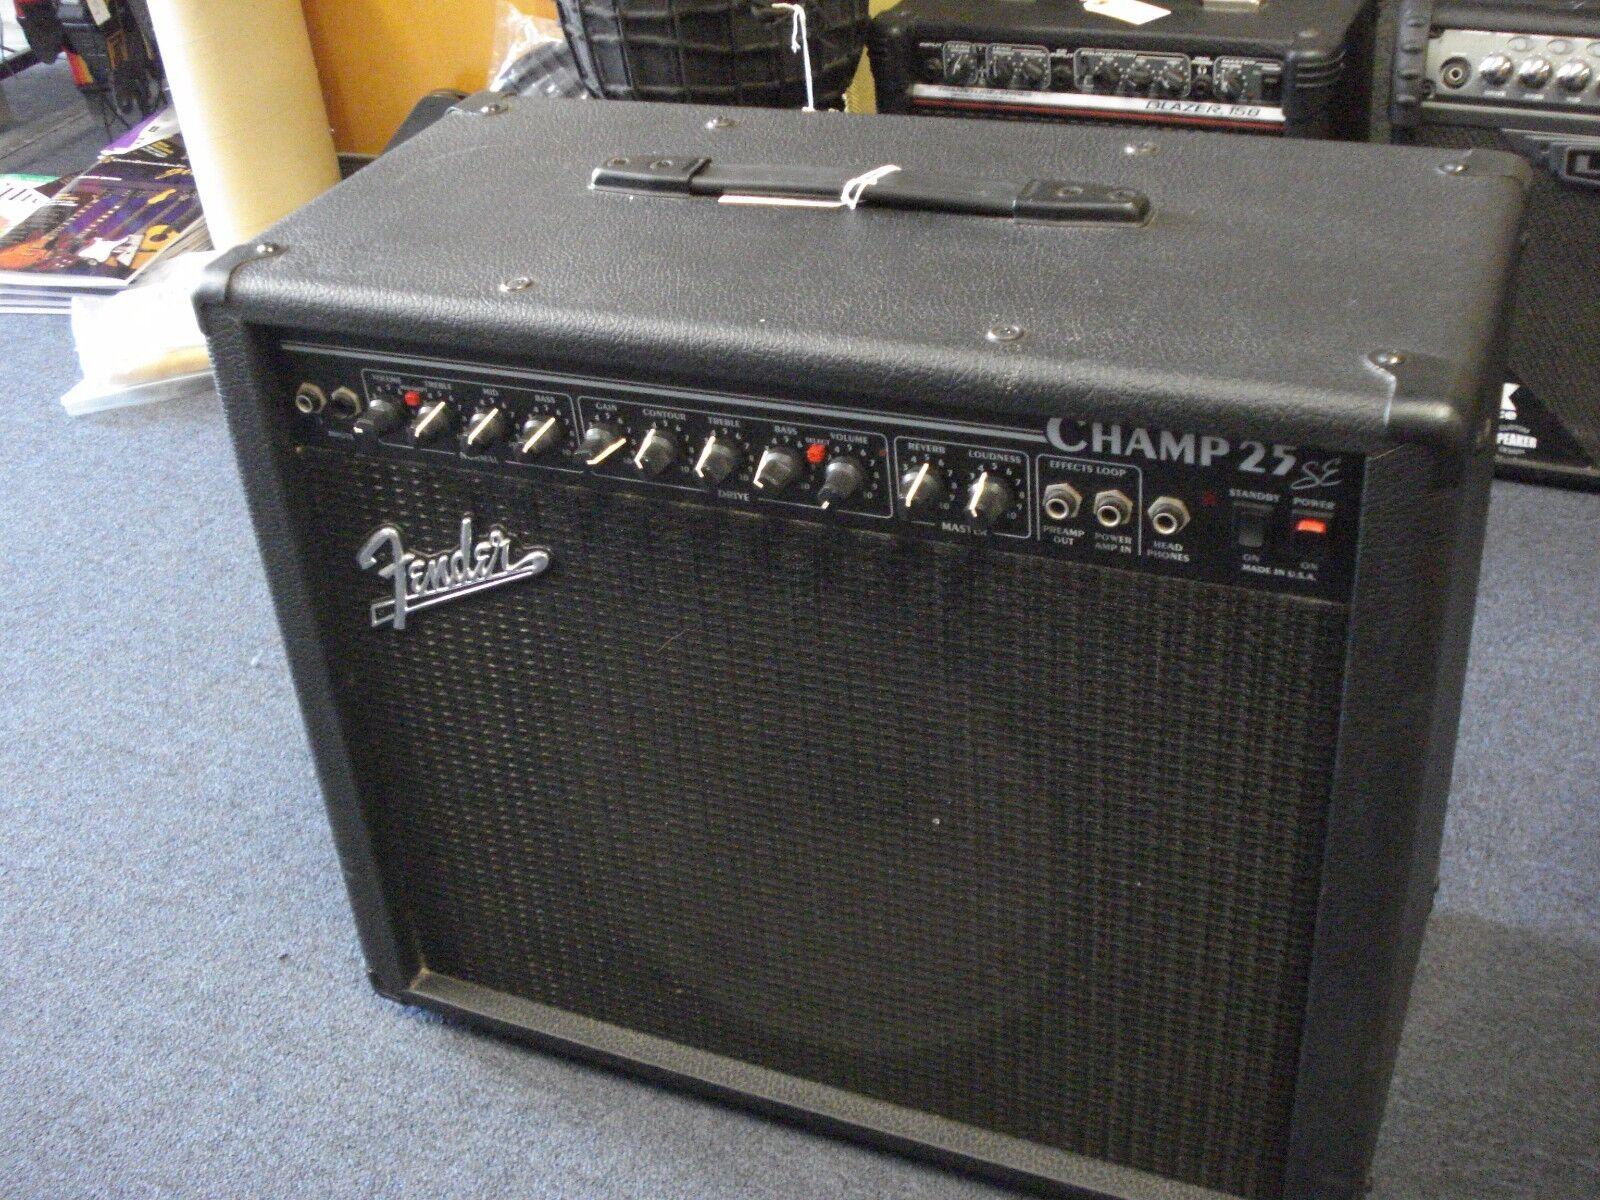 Fender Champ 25 SE Guitarra Amplificador De De De Tubo  las mejores marcas venden barato